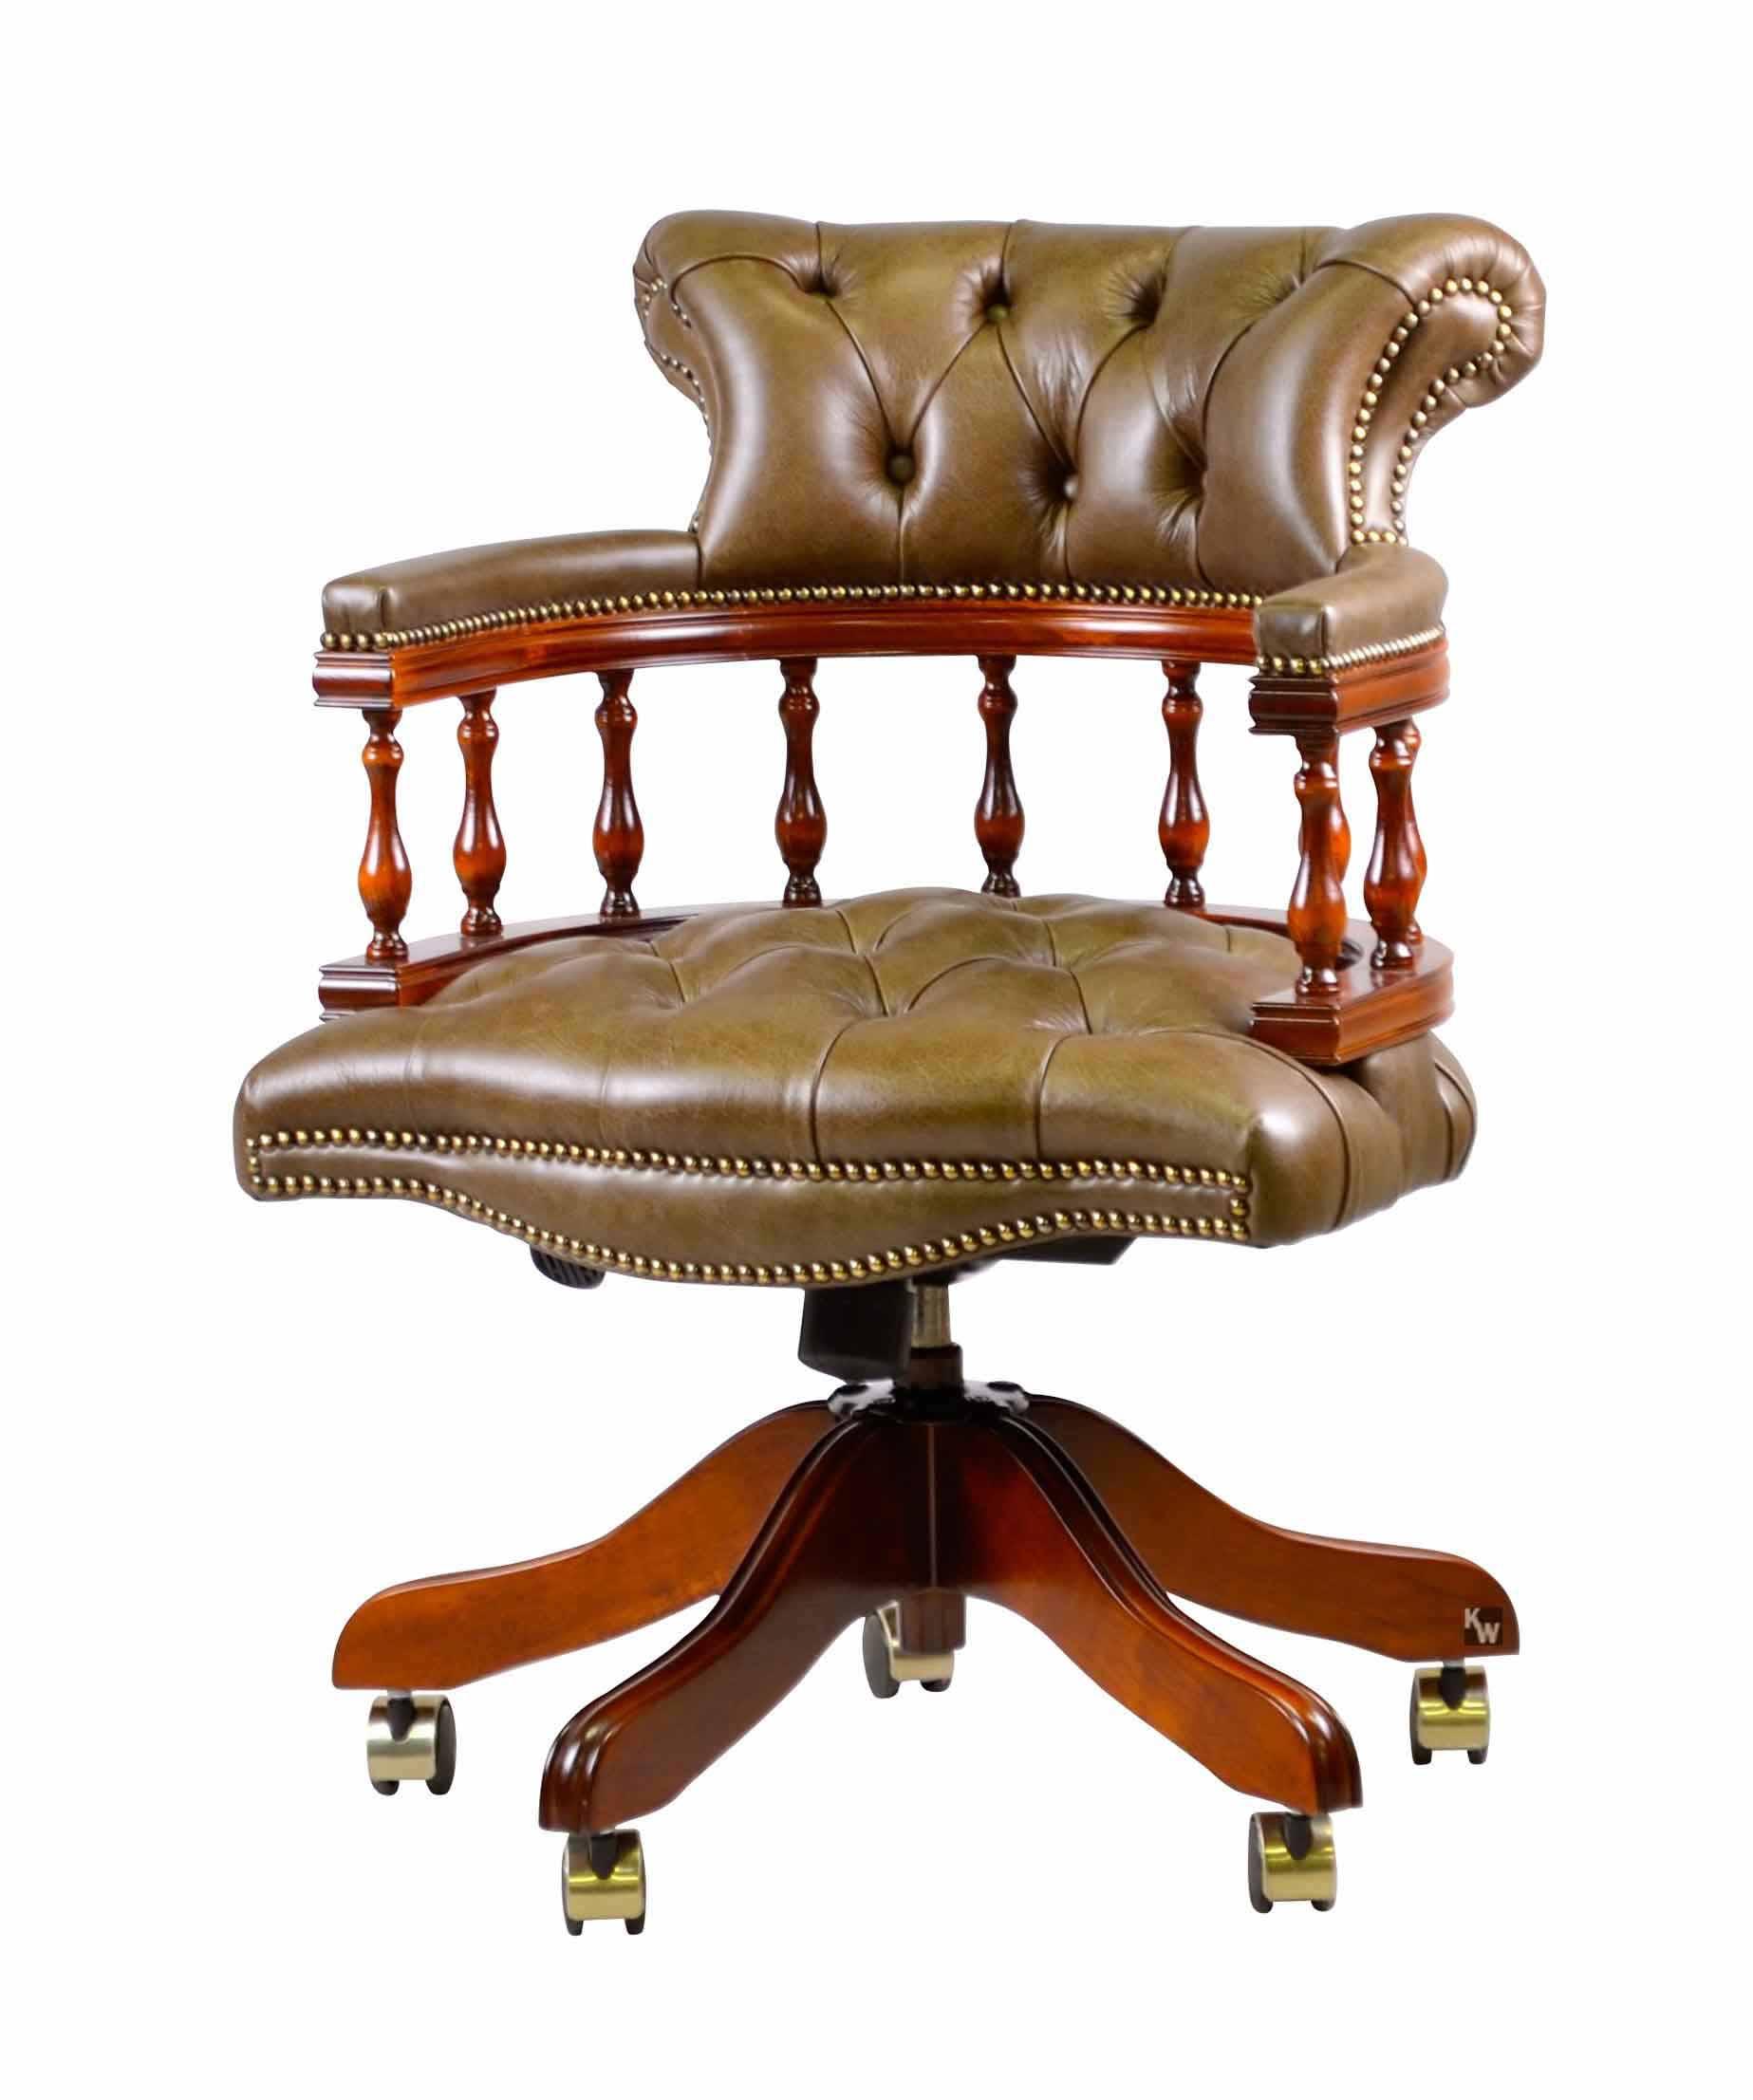 drehstuhl gr n b roeinrichtung von kai. Black Bedroom Furniture Sets. Home Design Ideas